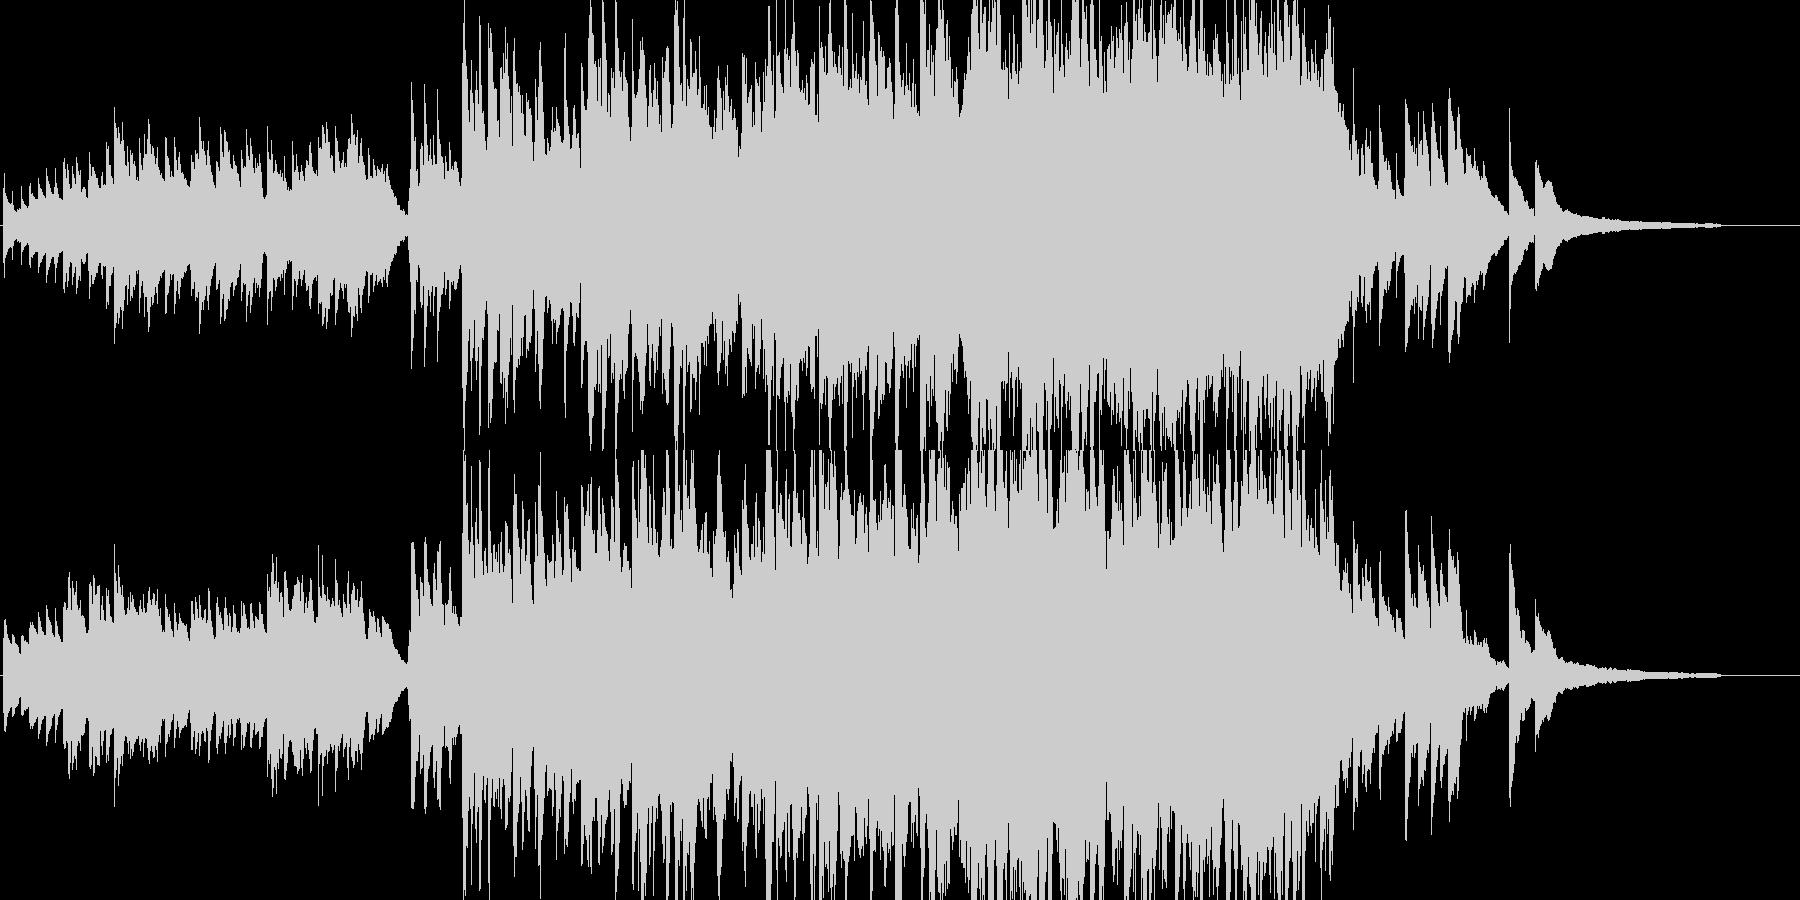 【映像作品用】ピアノと弦の曲 の未再生の波形